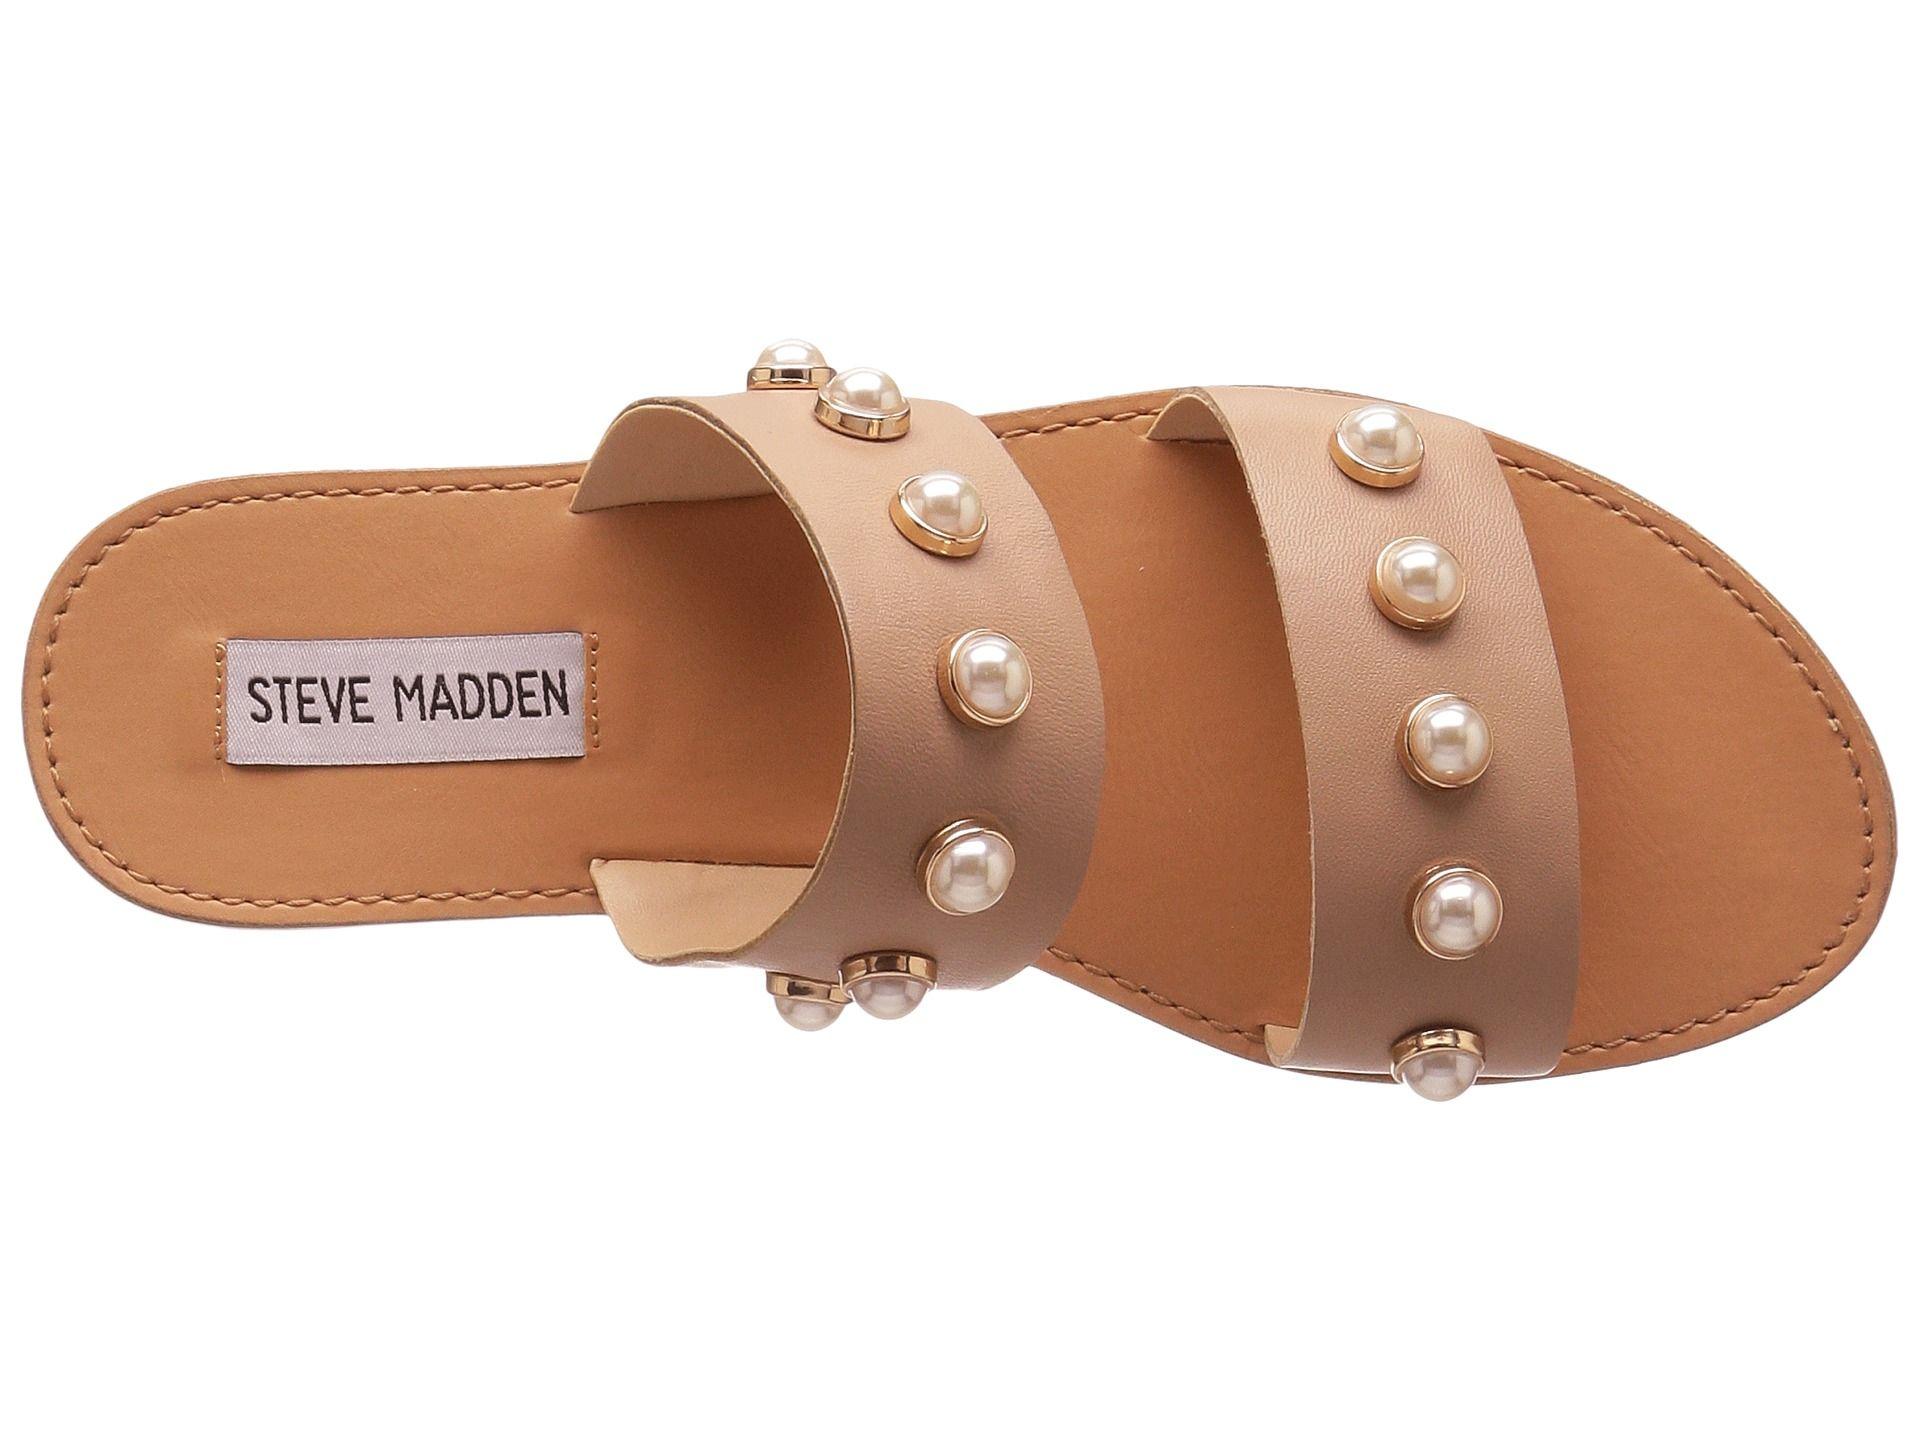 de1ac88cca81 Steve Madden Jole. Steve Madden Jole Flat Sandals ...